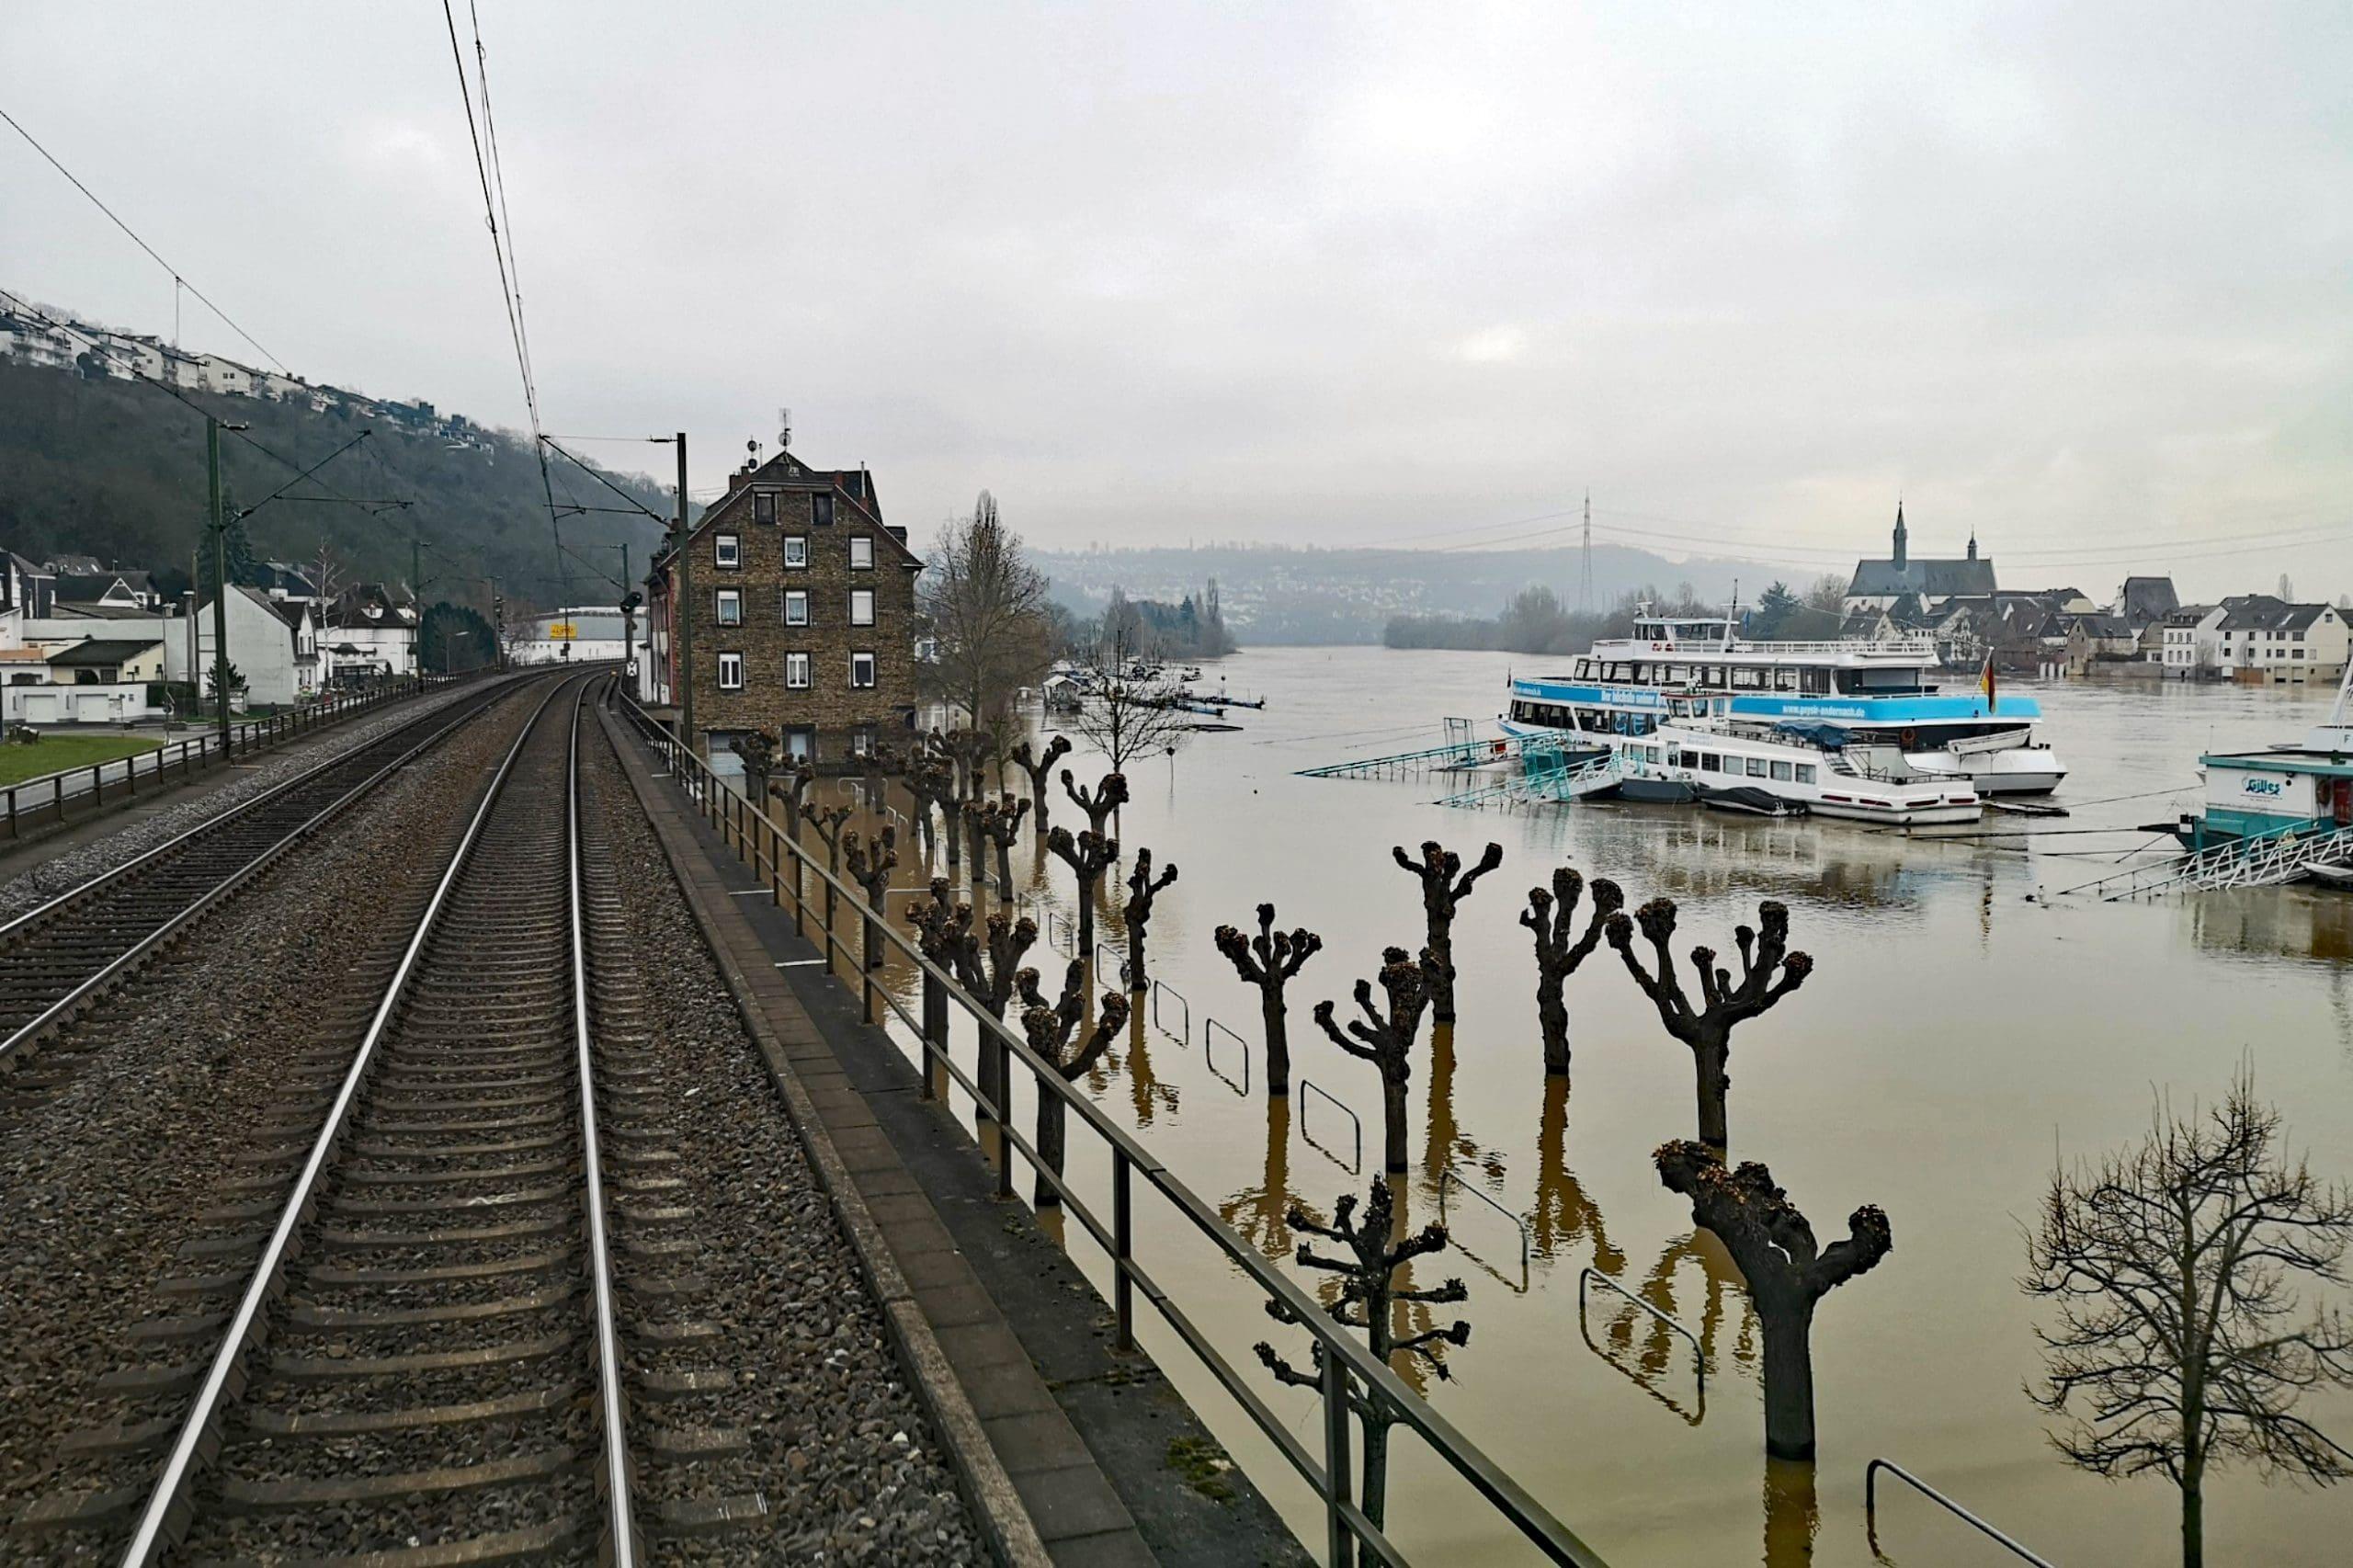 ©Foto: André Rosendahl | railmen | Überschwemmter Hafen von Vallendar, einer Kleinstadt am rechten Ufer des Mittelrheins, südwärts fahrend.